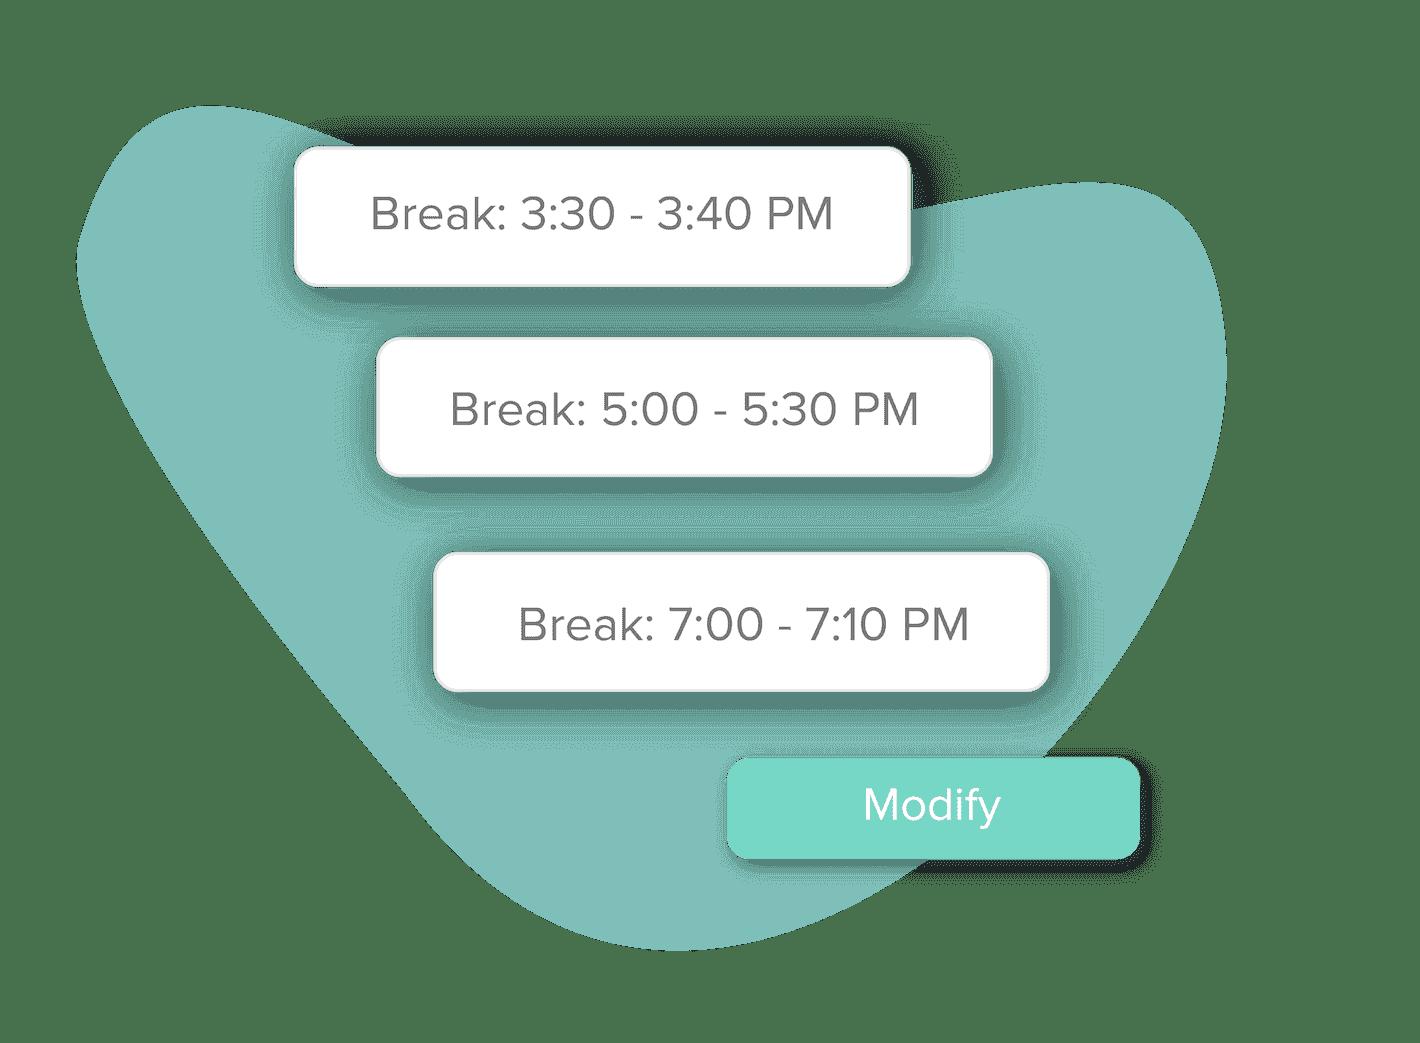 Modify breaks